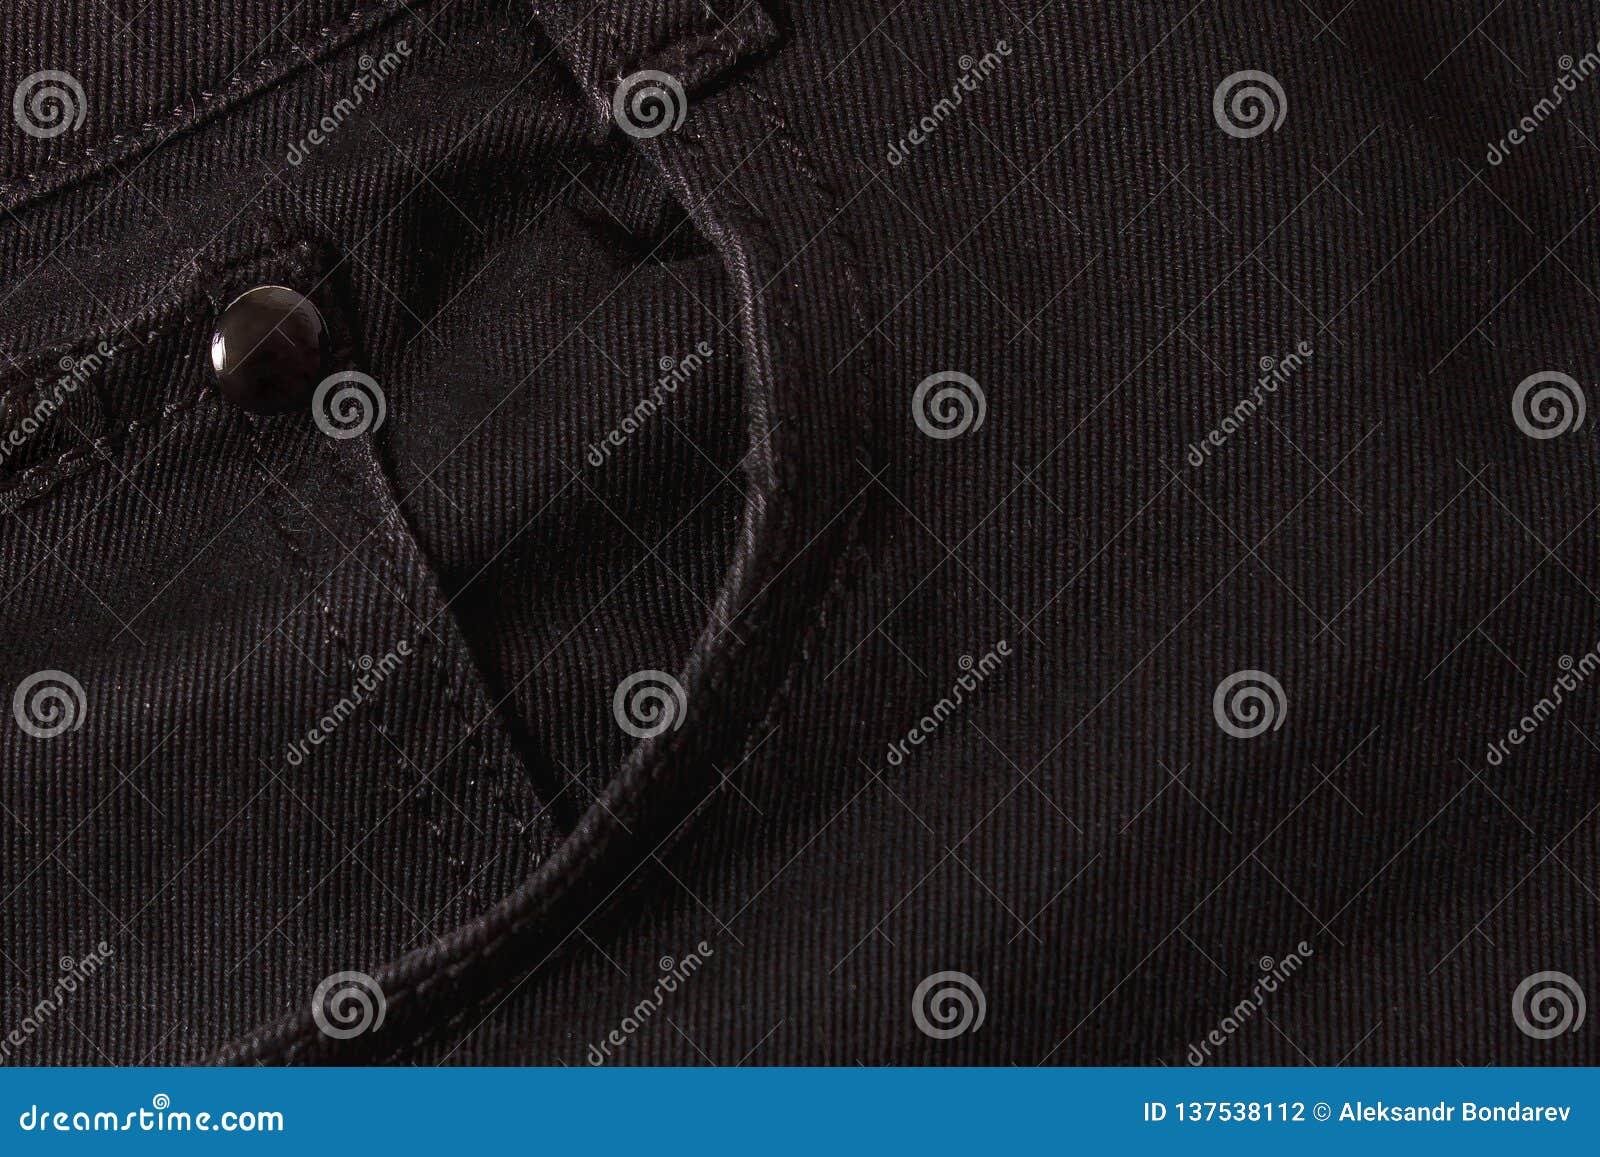 Donnez au fond une consistance rugueuse des jeans et des poches noirs